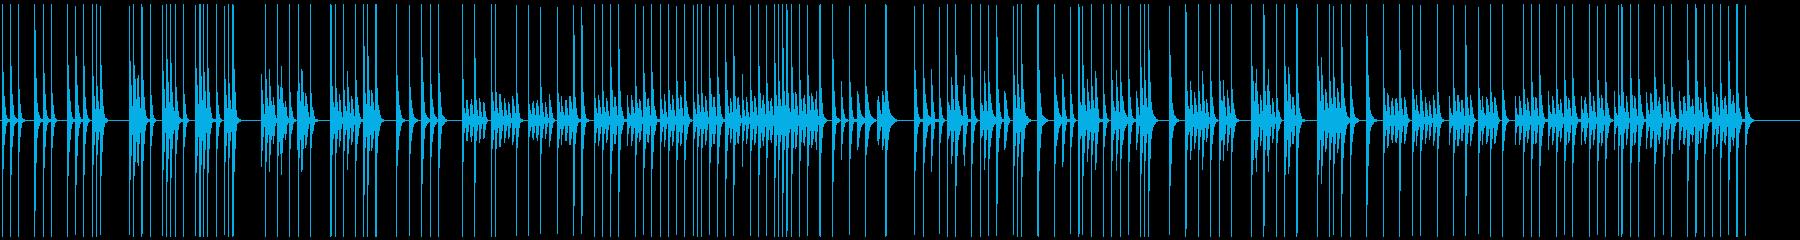 素朴にリズミカルな動き映像にほのぼの軽快の再生済みの波形